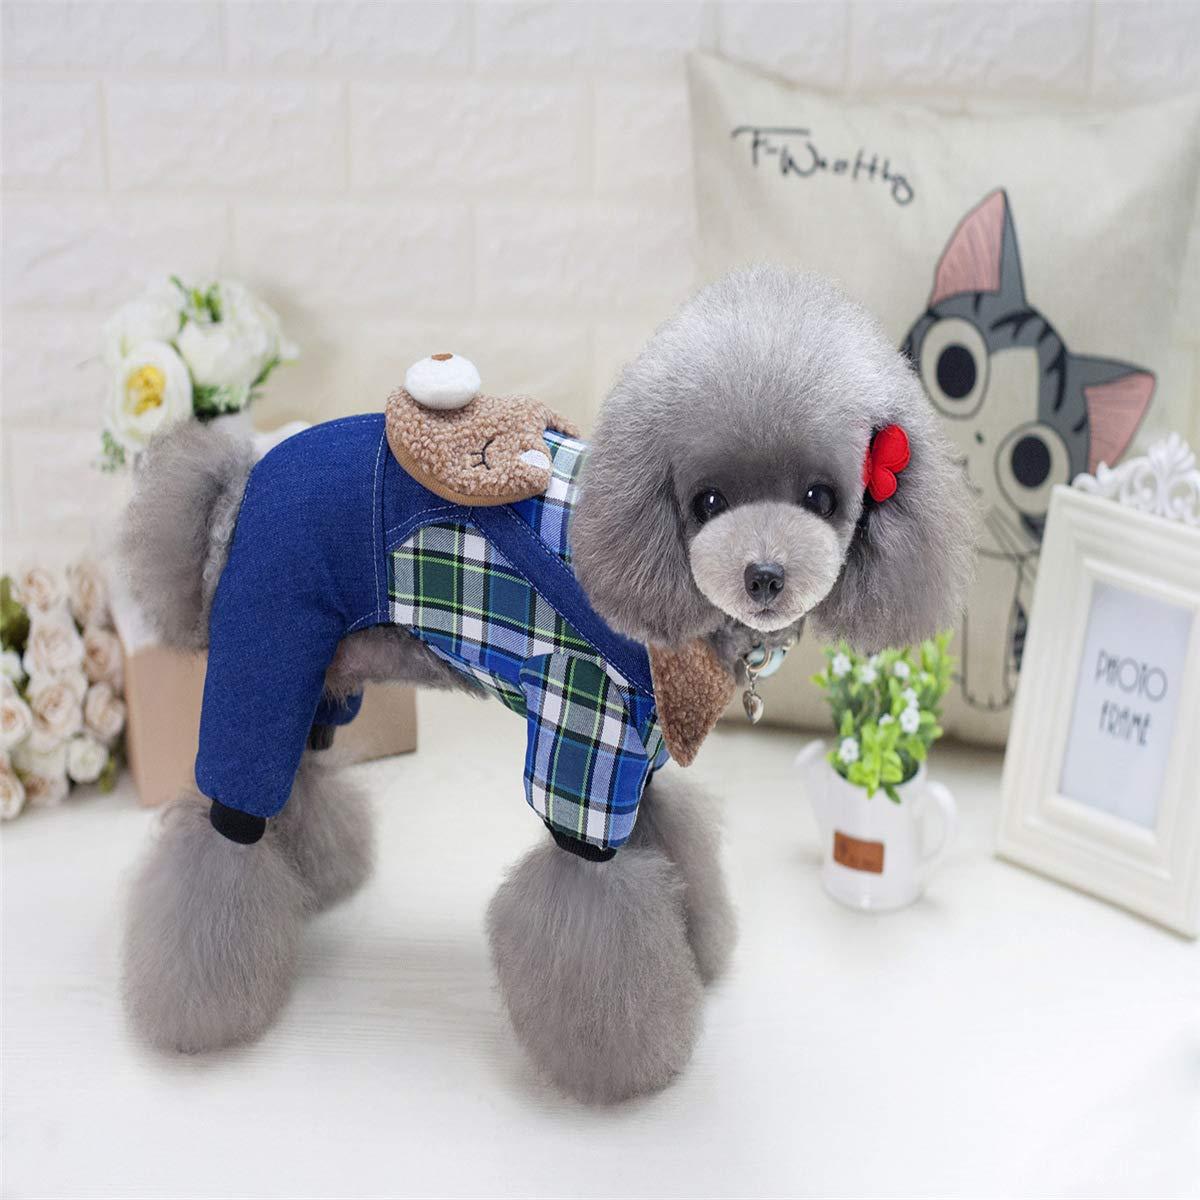 QINCH Home Home Home Ropa para Mascotas Perro Mezclilla Suministros para Mascotas Ropa para Mascotas Dormir Dormir Oso Cuatro piernas Mezclilla (Color : Green, Size : L) 610d93